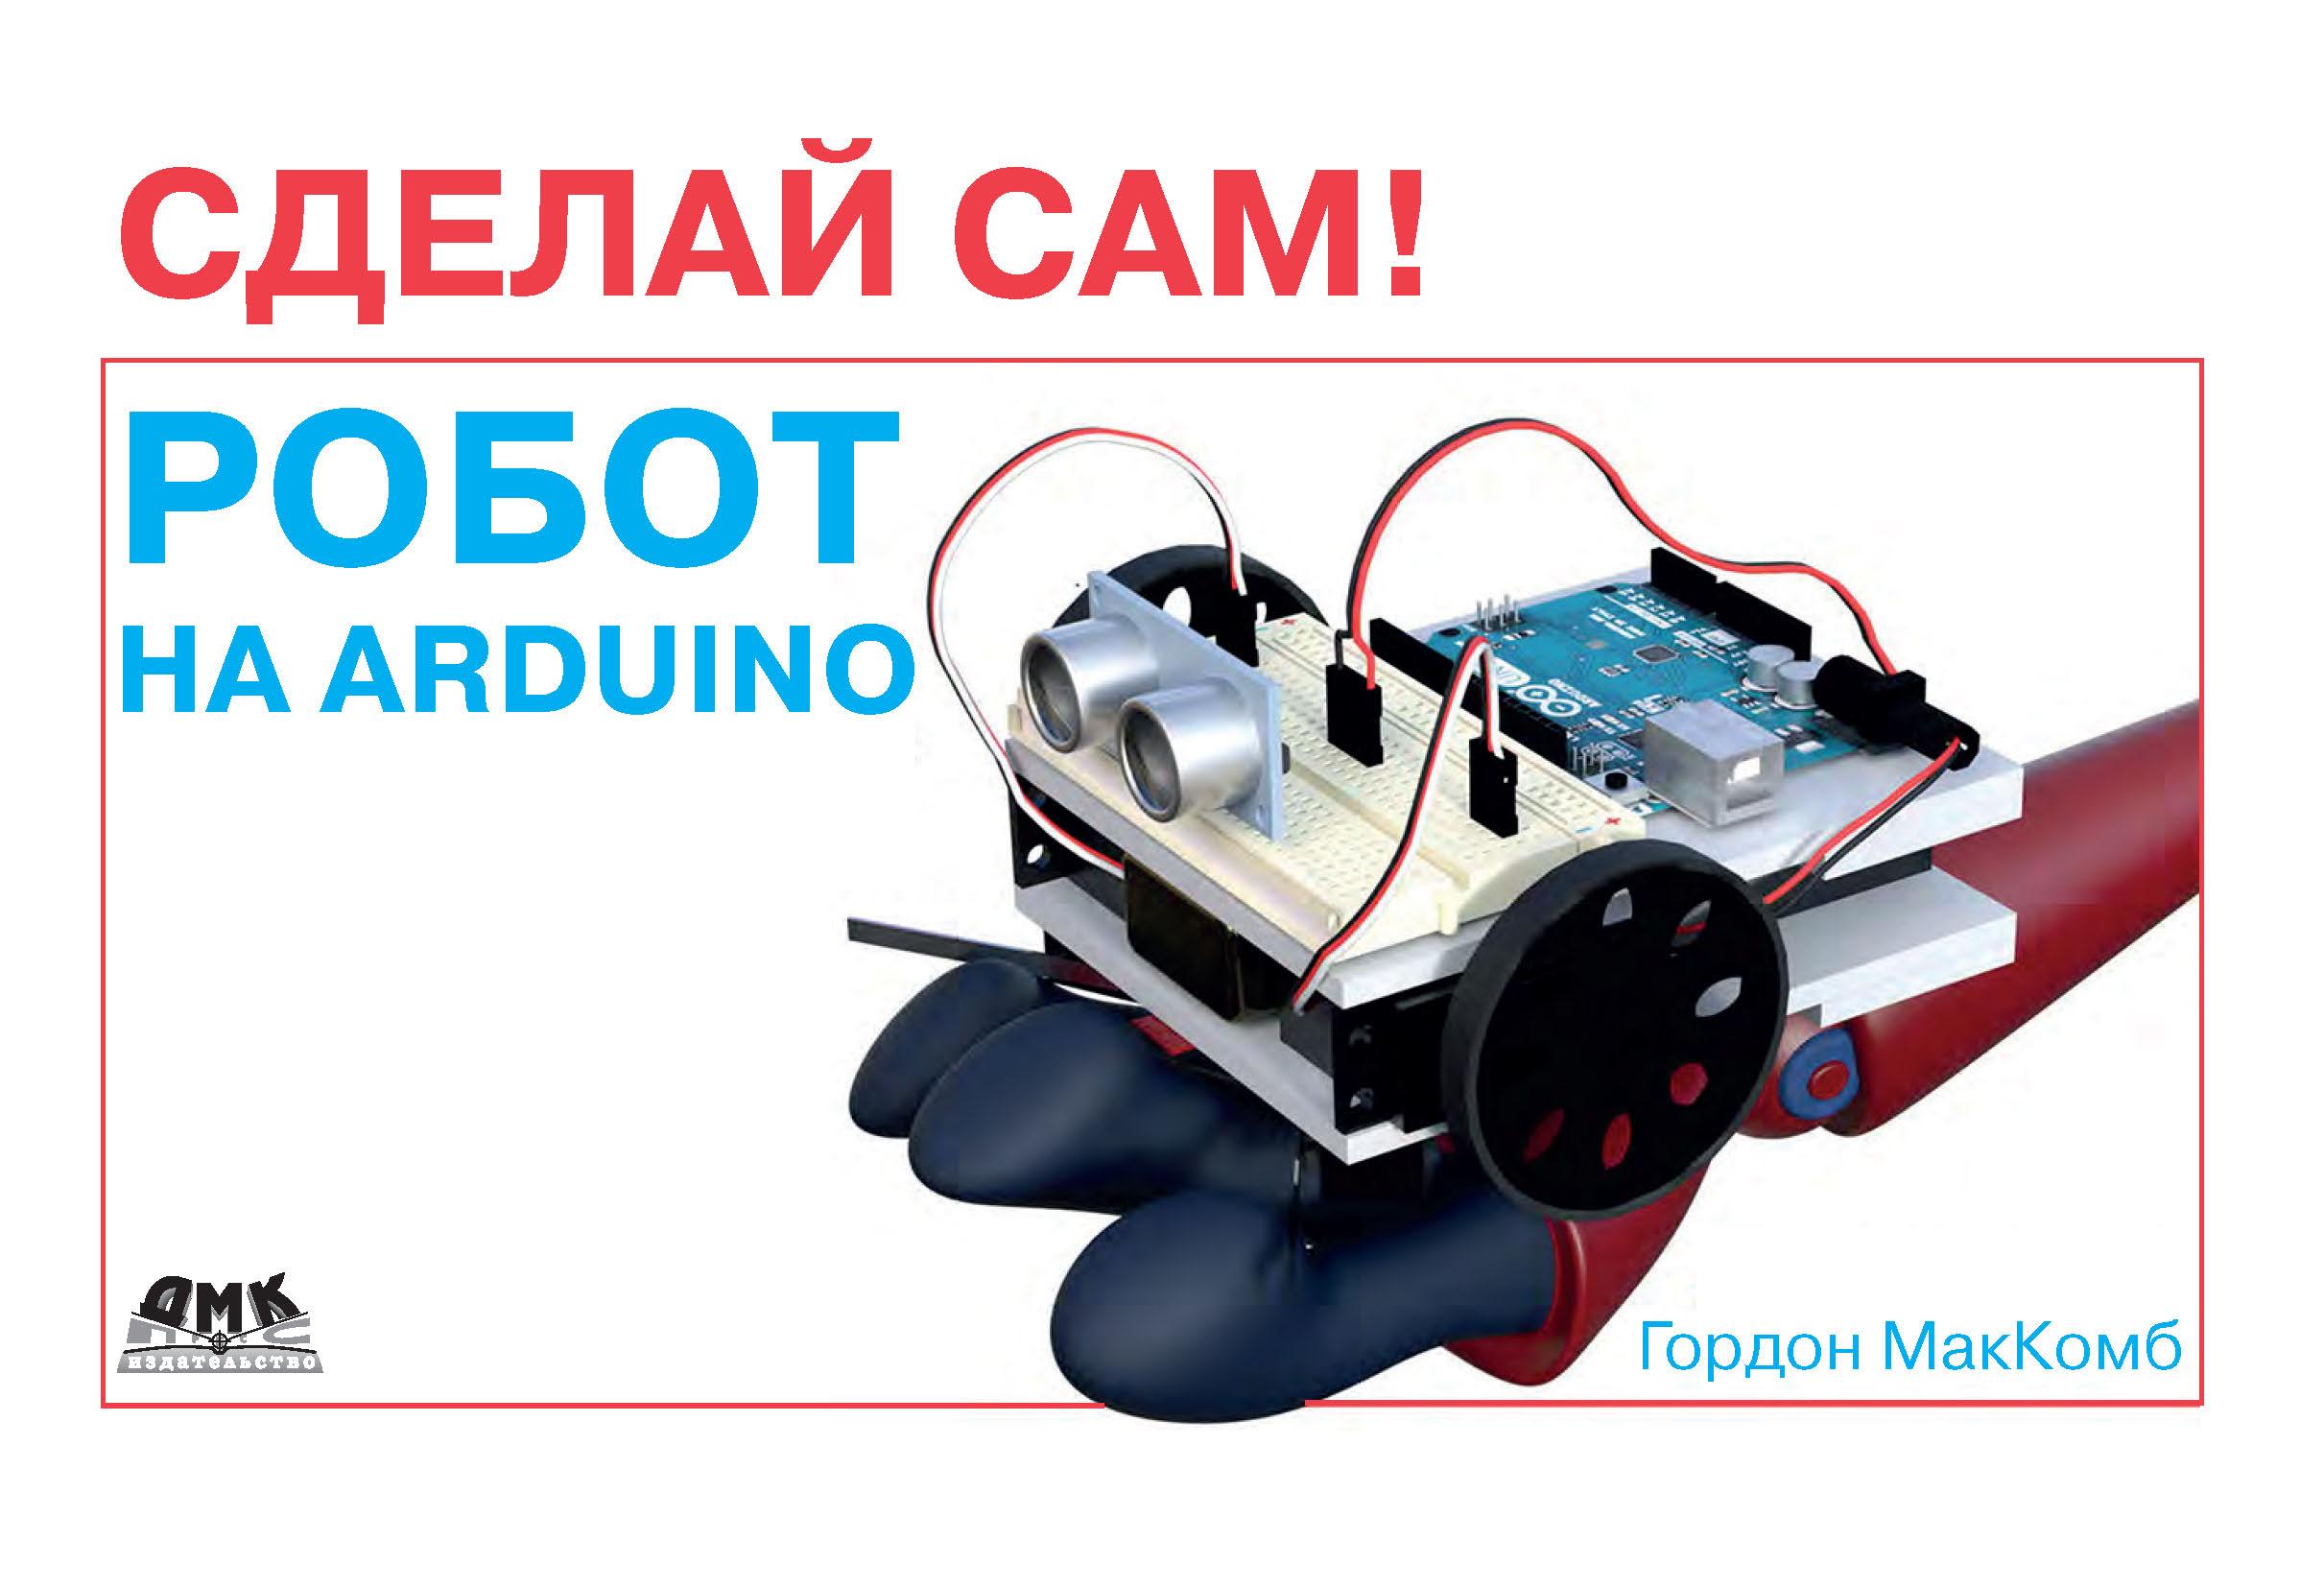 Робот на Arduino. Сделай сам!